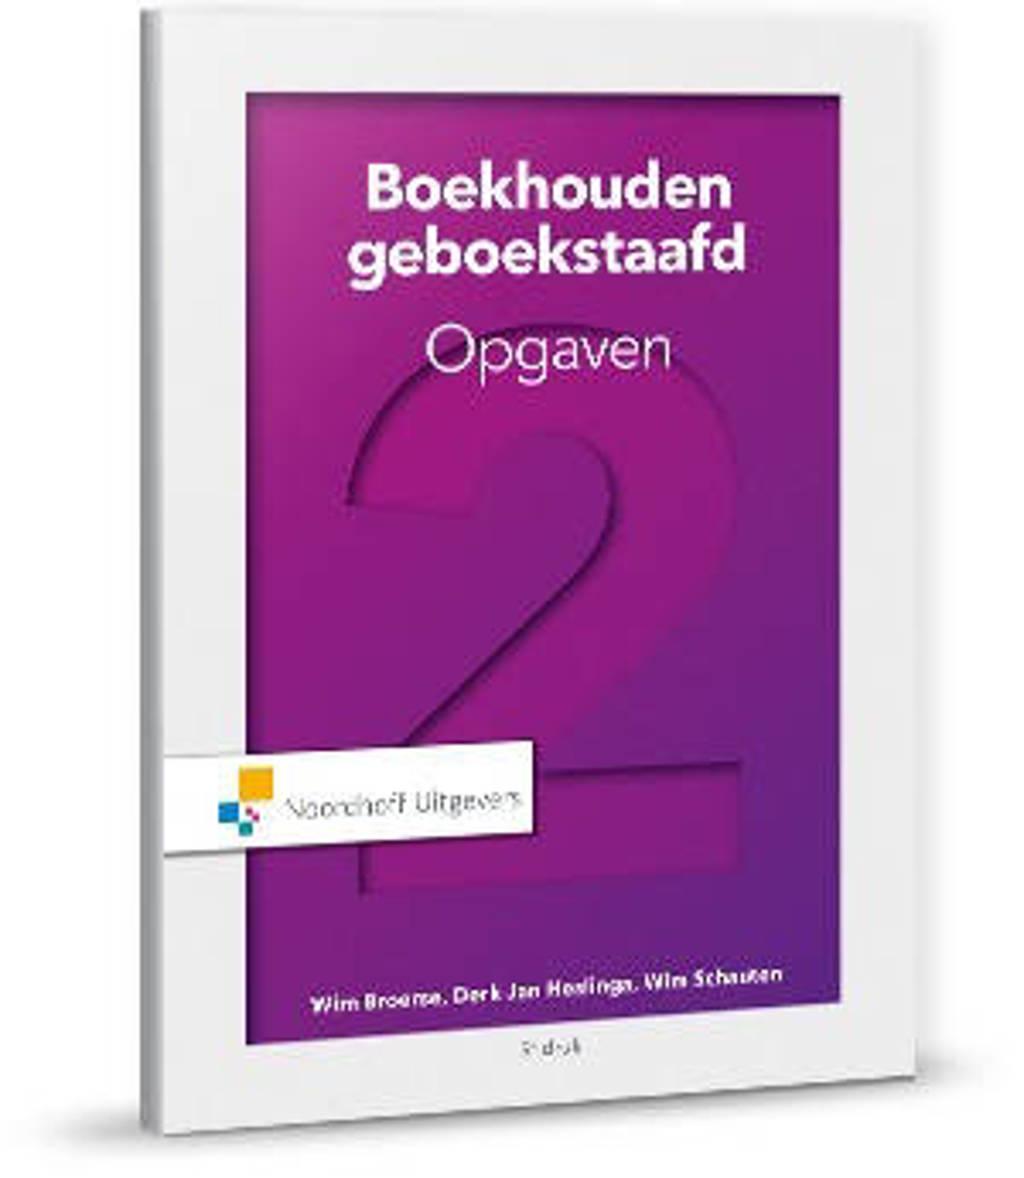 Boekhouden geboekstaafd 2 opgaven - Wim Broerse, Derk-Jan Heslinga en Wim Schauten